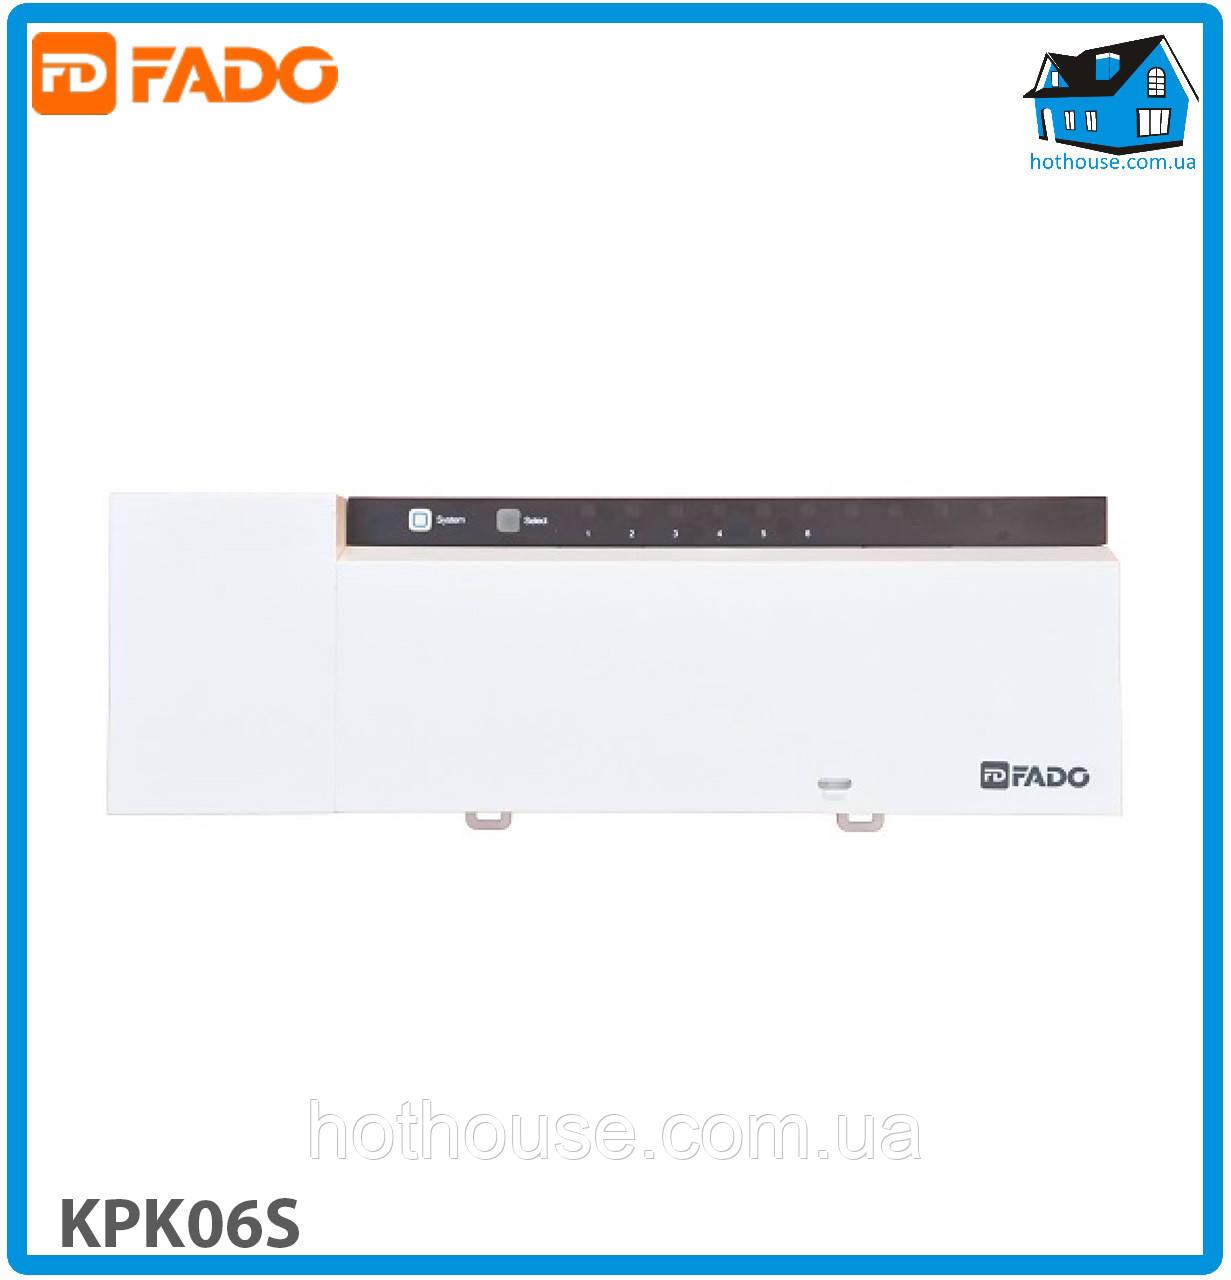 Колодка клемна FADO KPK06S SMART 220V 6 зон